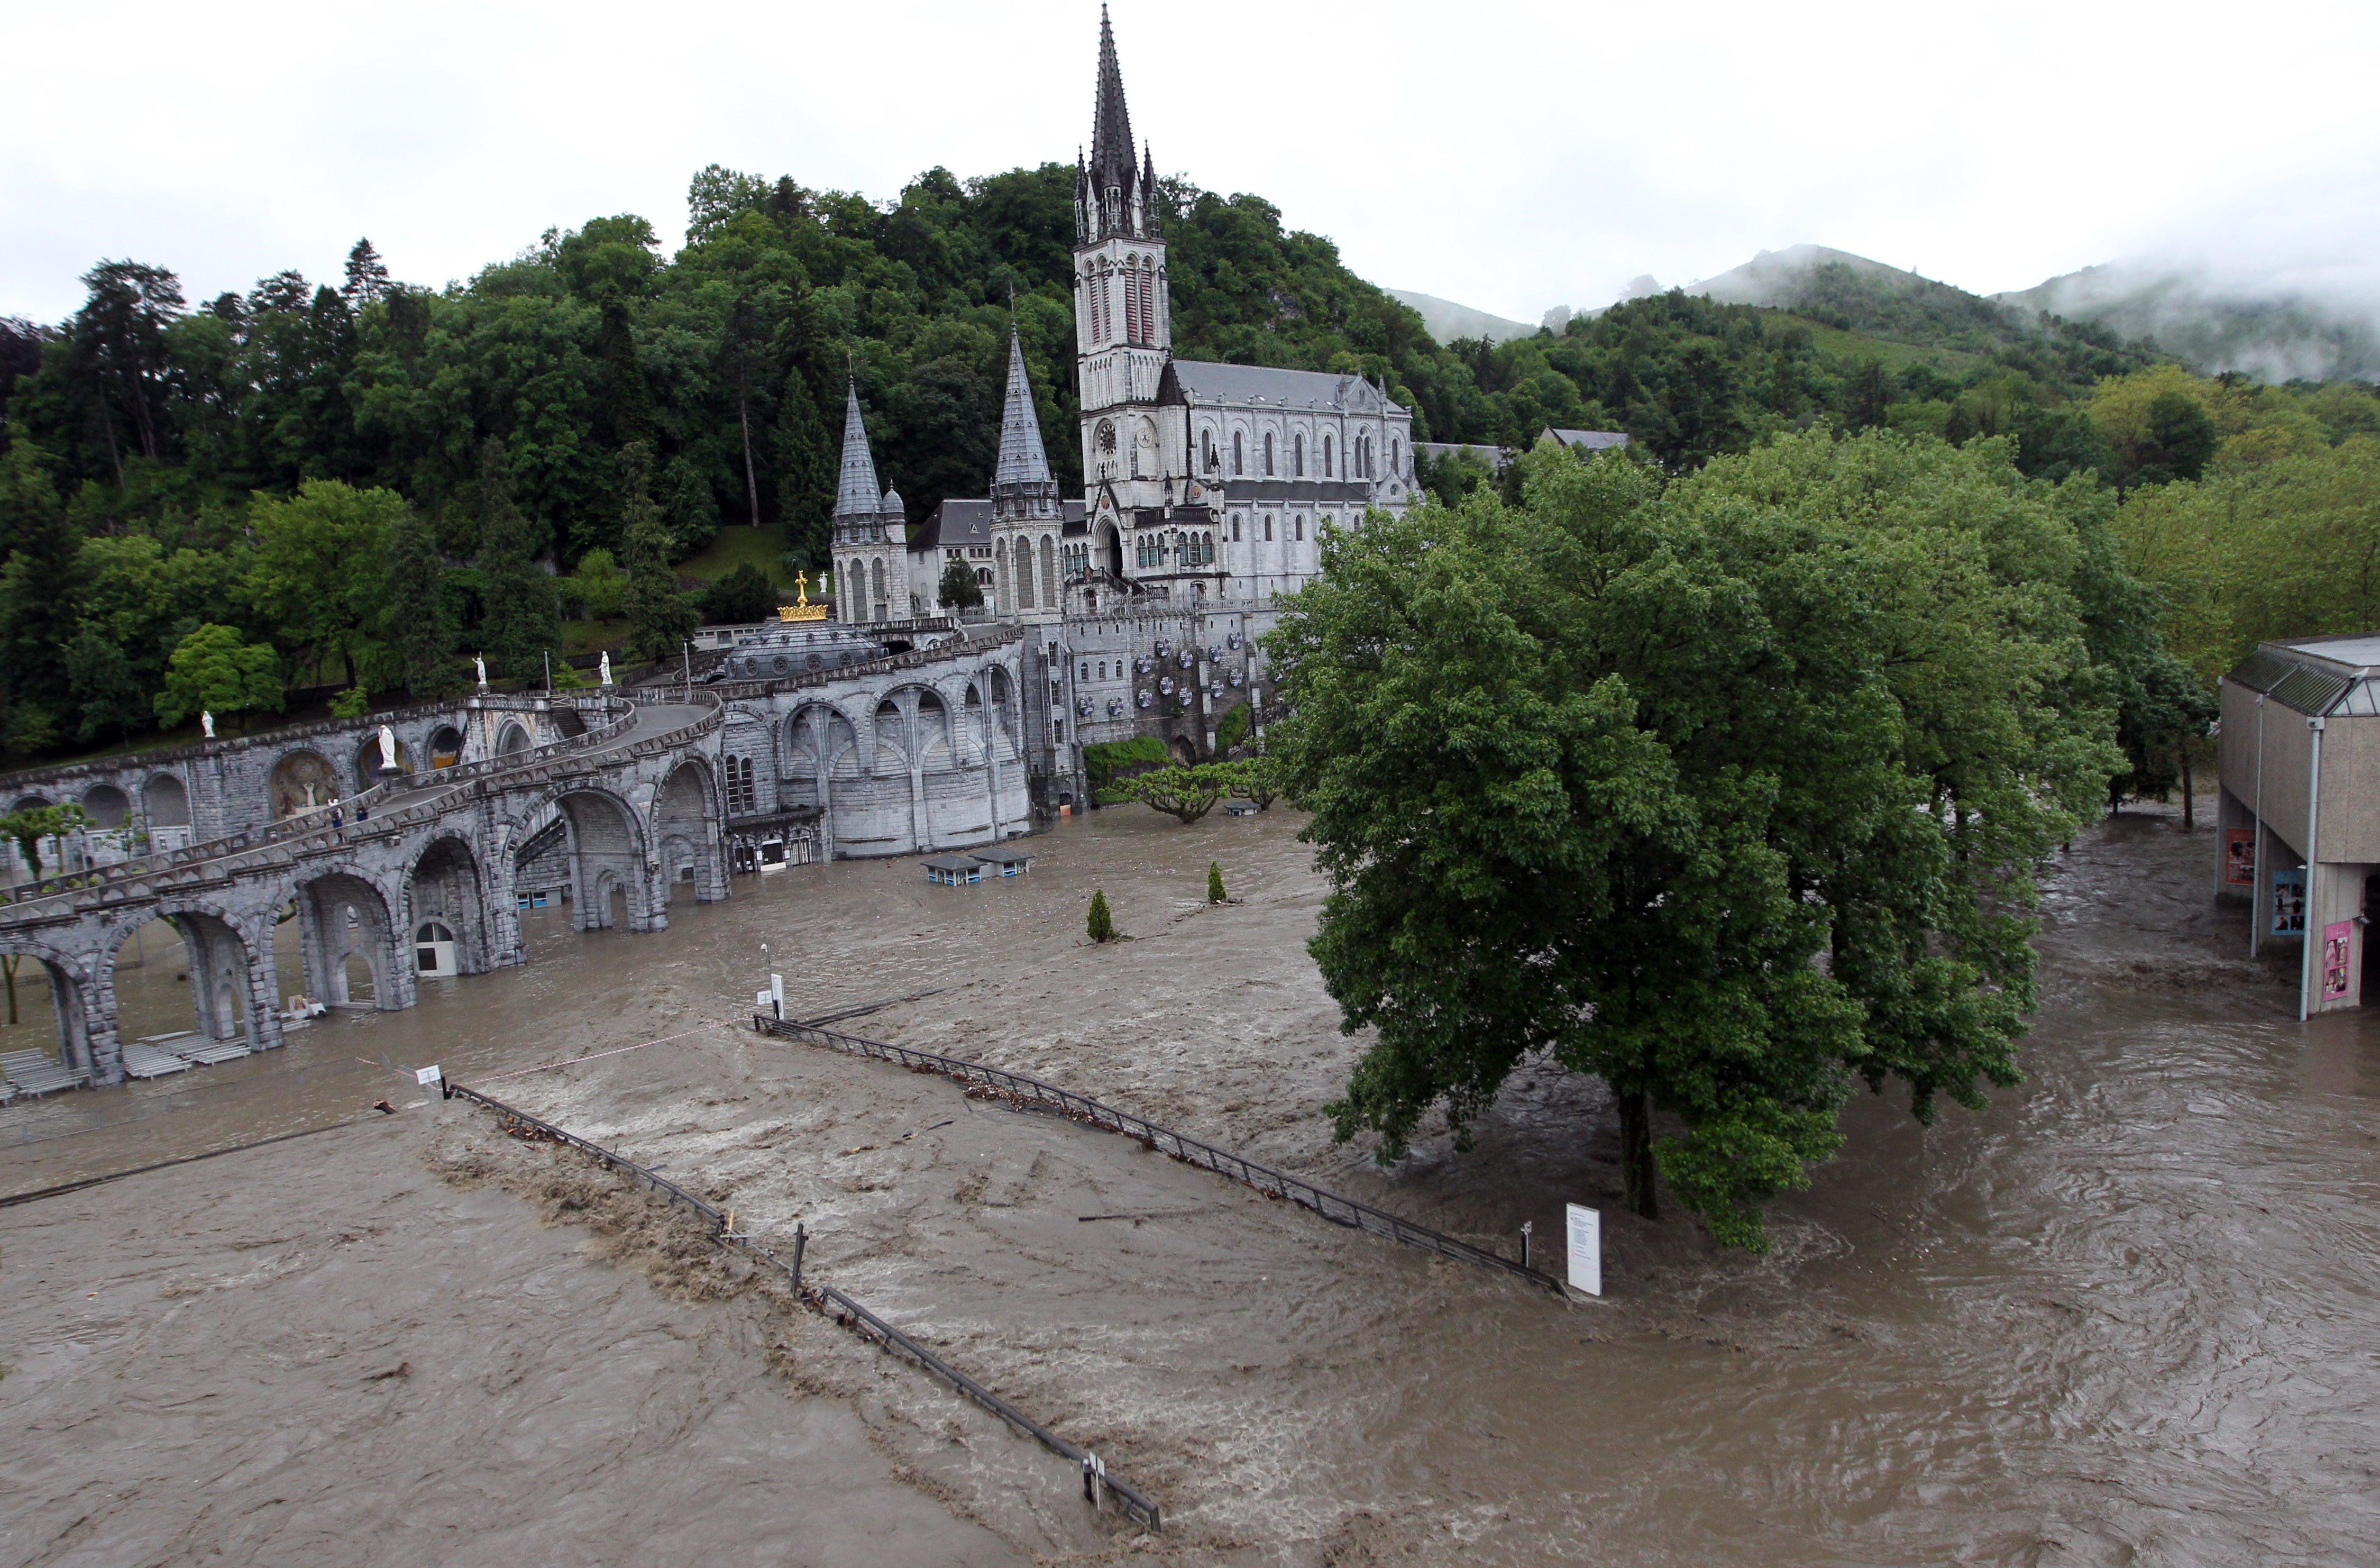 Floods close religious pilgrimage site in lourdes france for Site francais